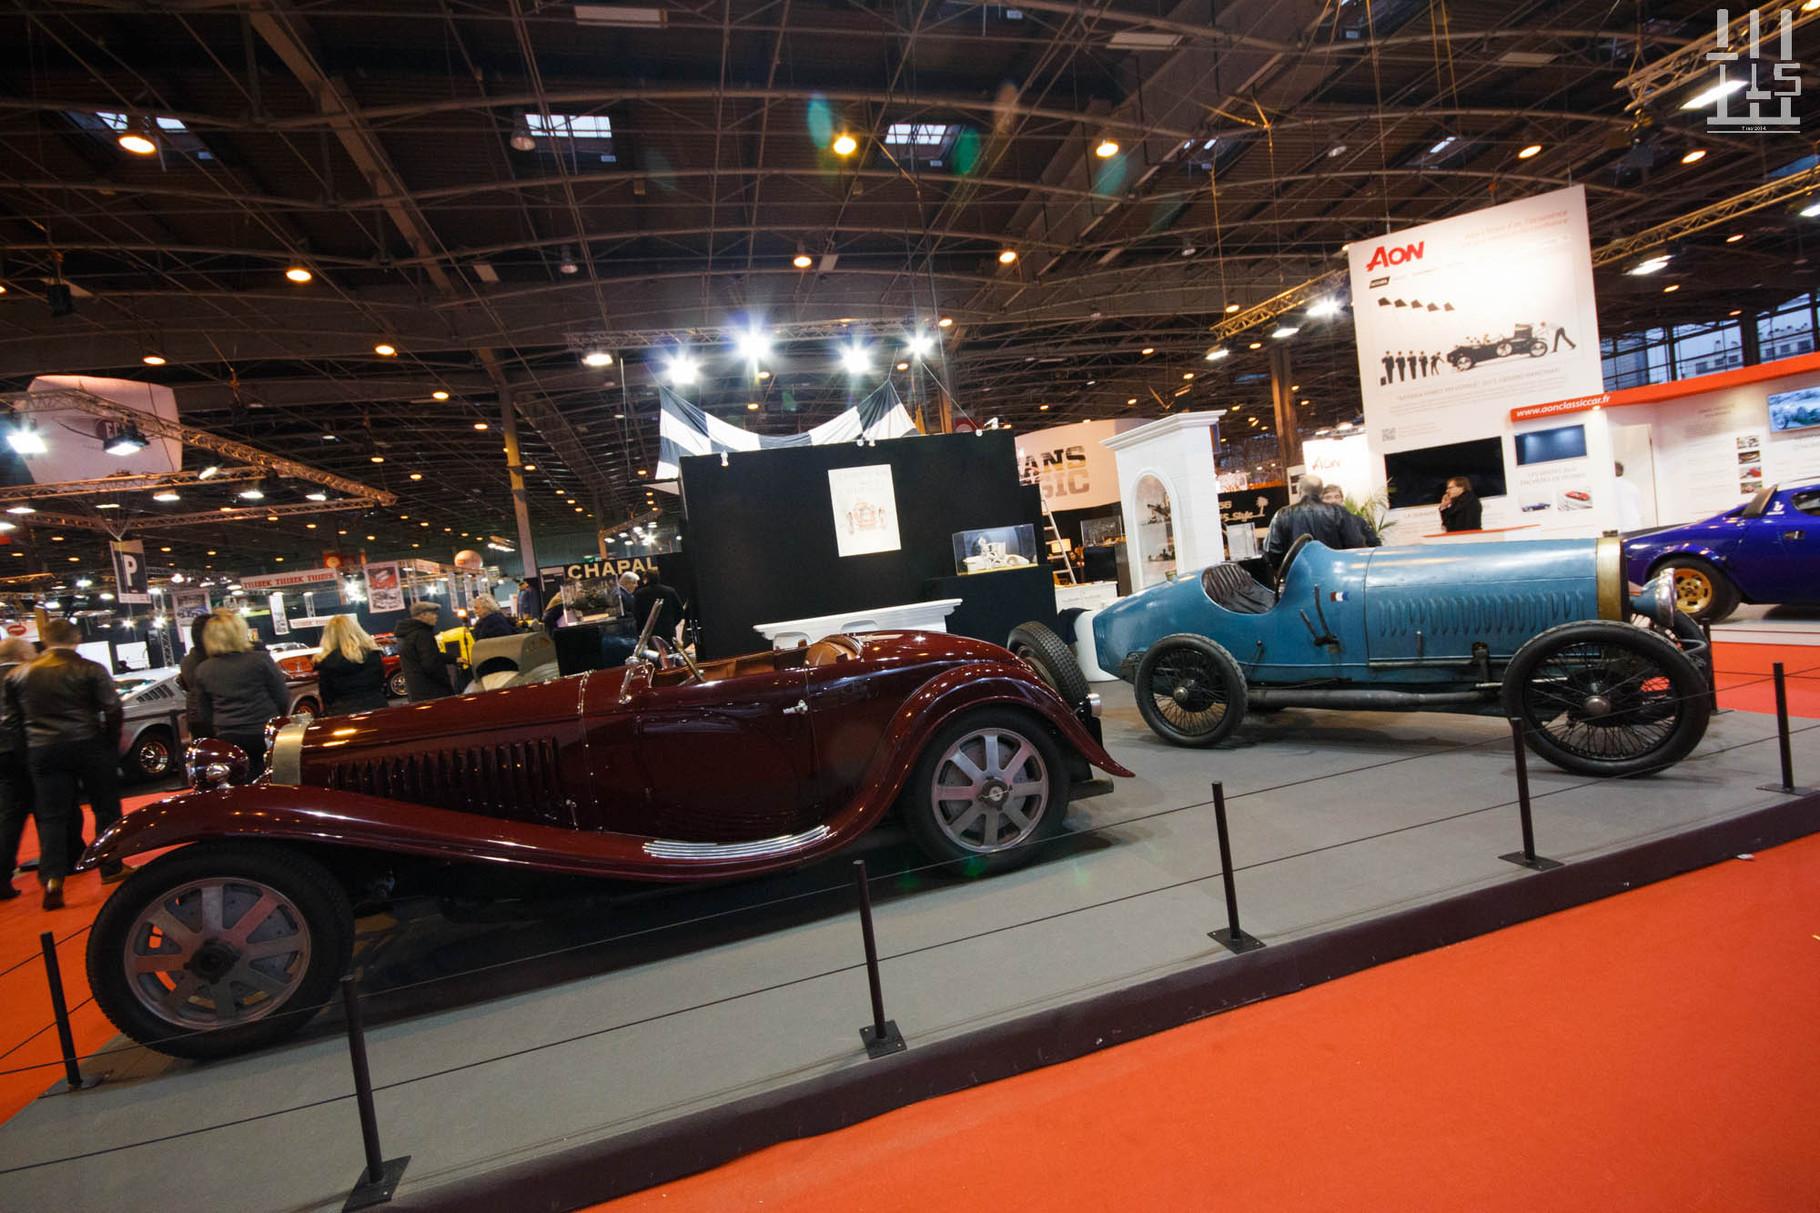 La Carrosserie François Cointreau est juste en face et expose de sympathiques Bugatti toutes deux remportées aux enchères chez Artcurial au cours de l'année 2015.